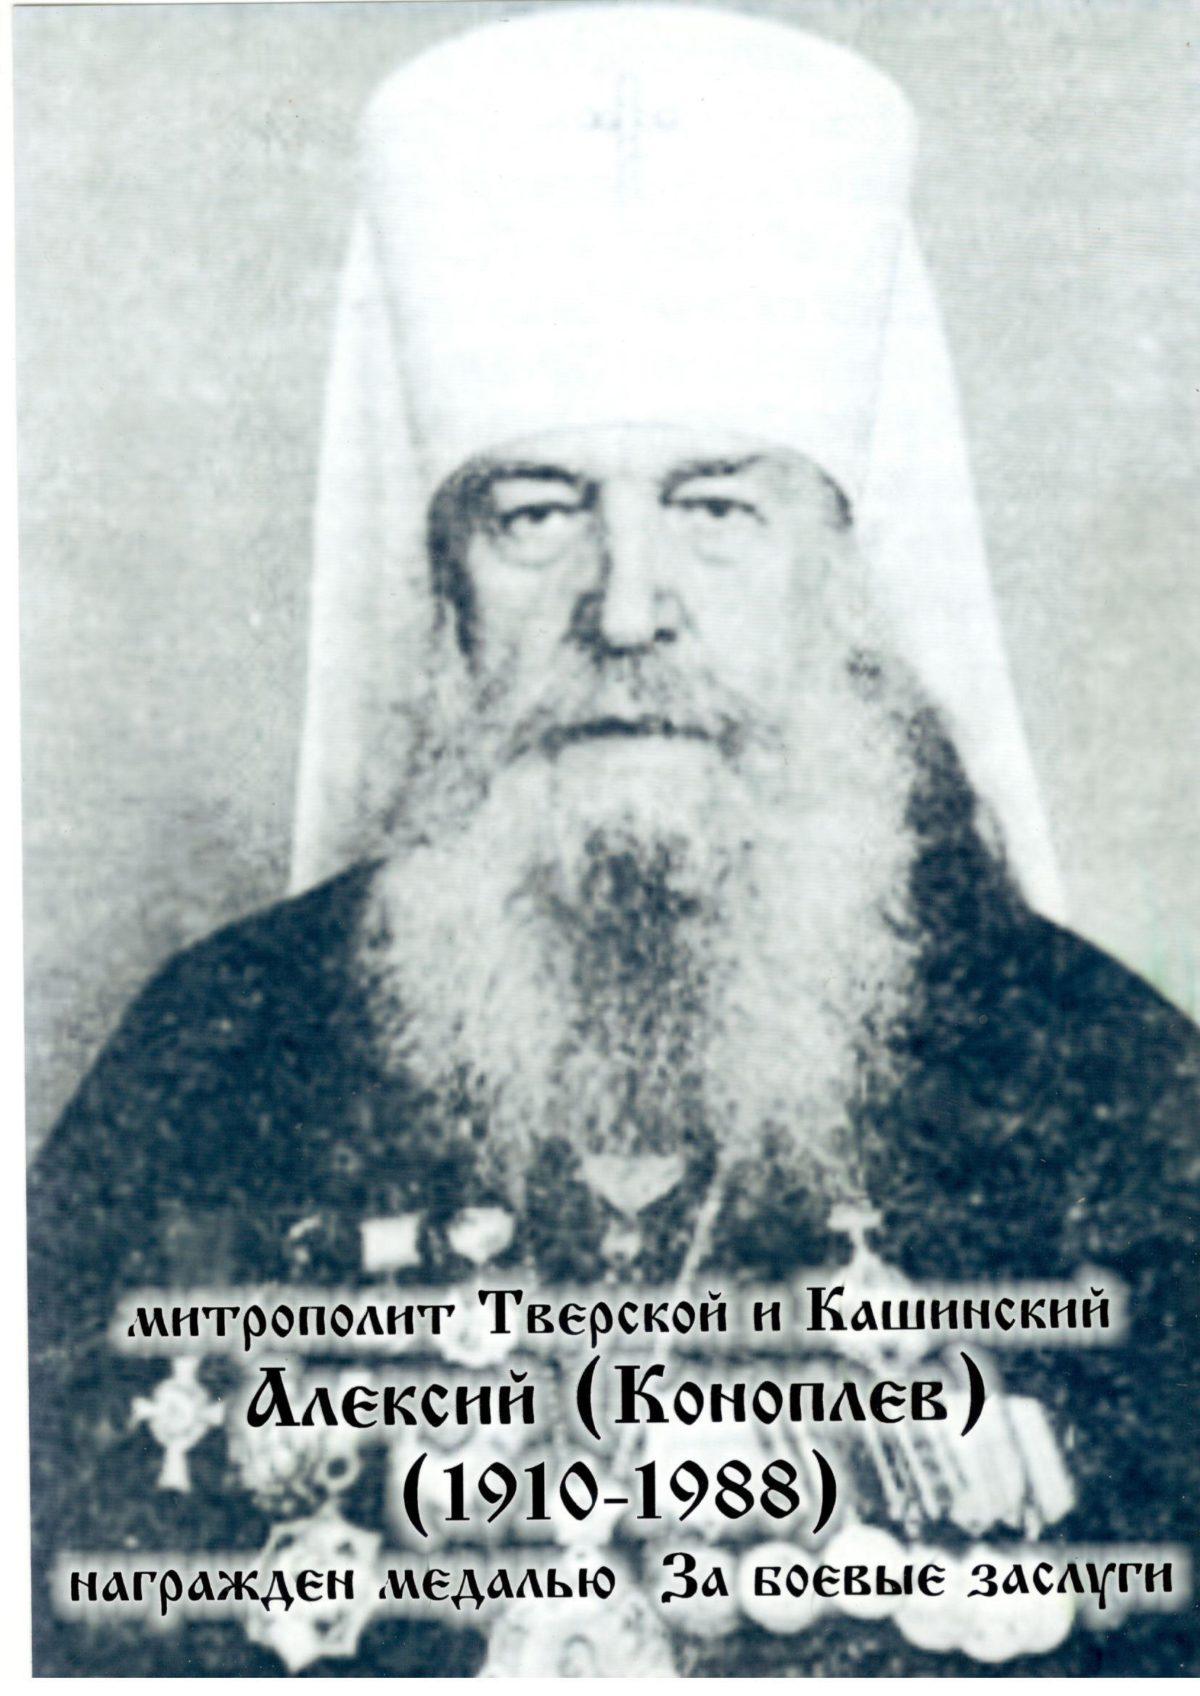 Митрополит Тверской Алексий (Коноплев)